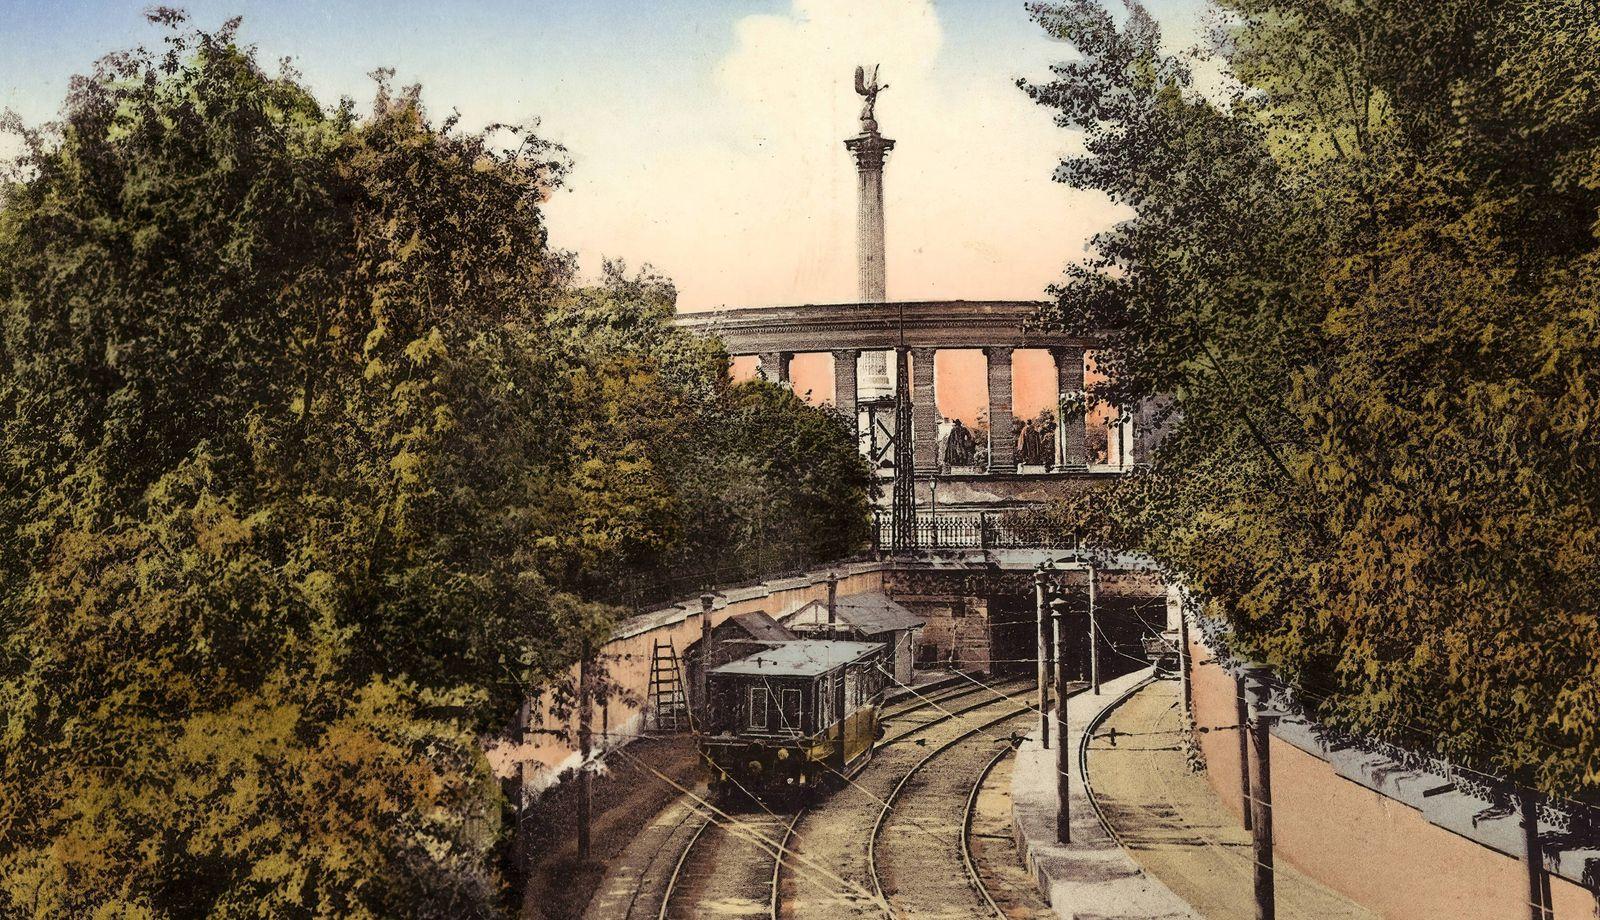 Budapest Metro line 1, 1912, Budapest, Stadtw?ldchen mit der elektrischen Untergrundbahn, Hungary PUBLICATIONxINxGERxSUI